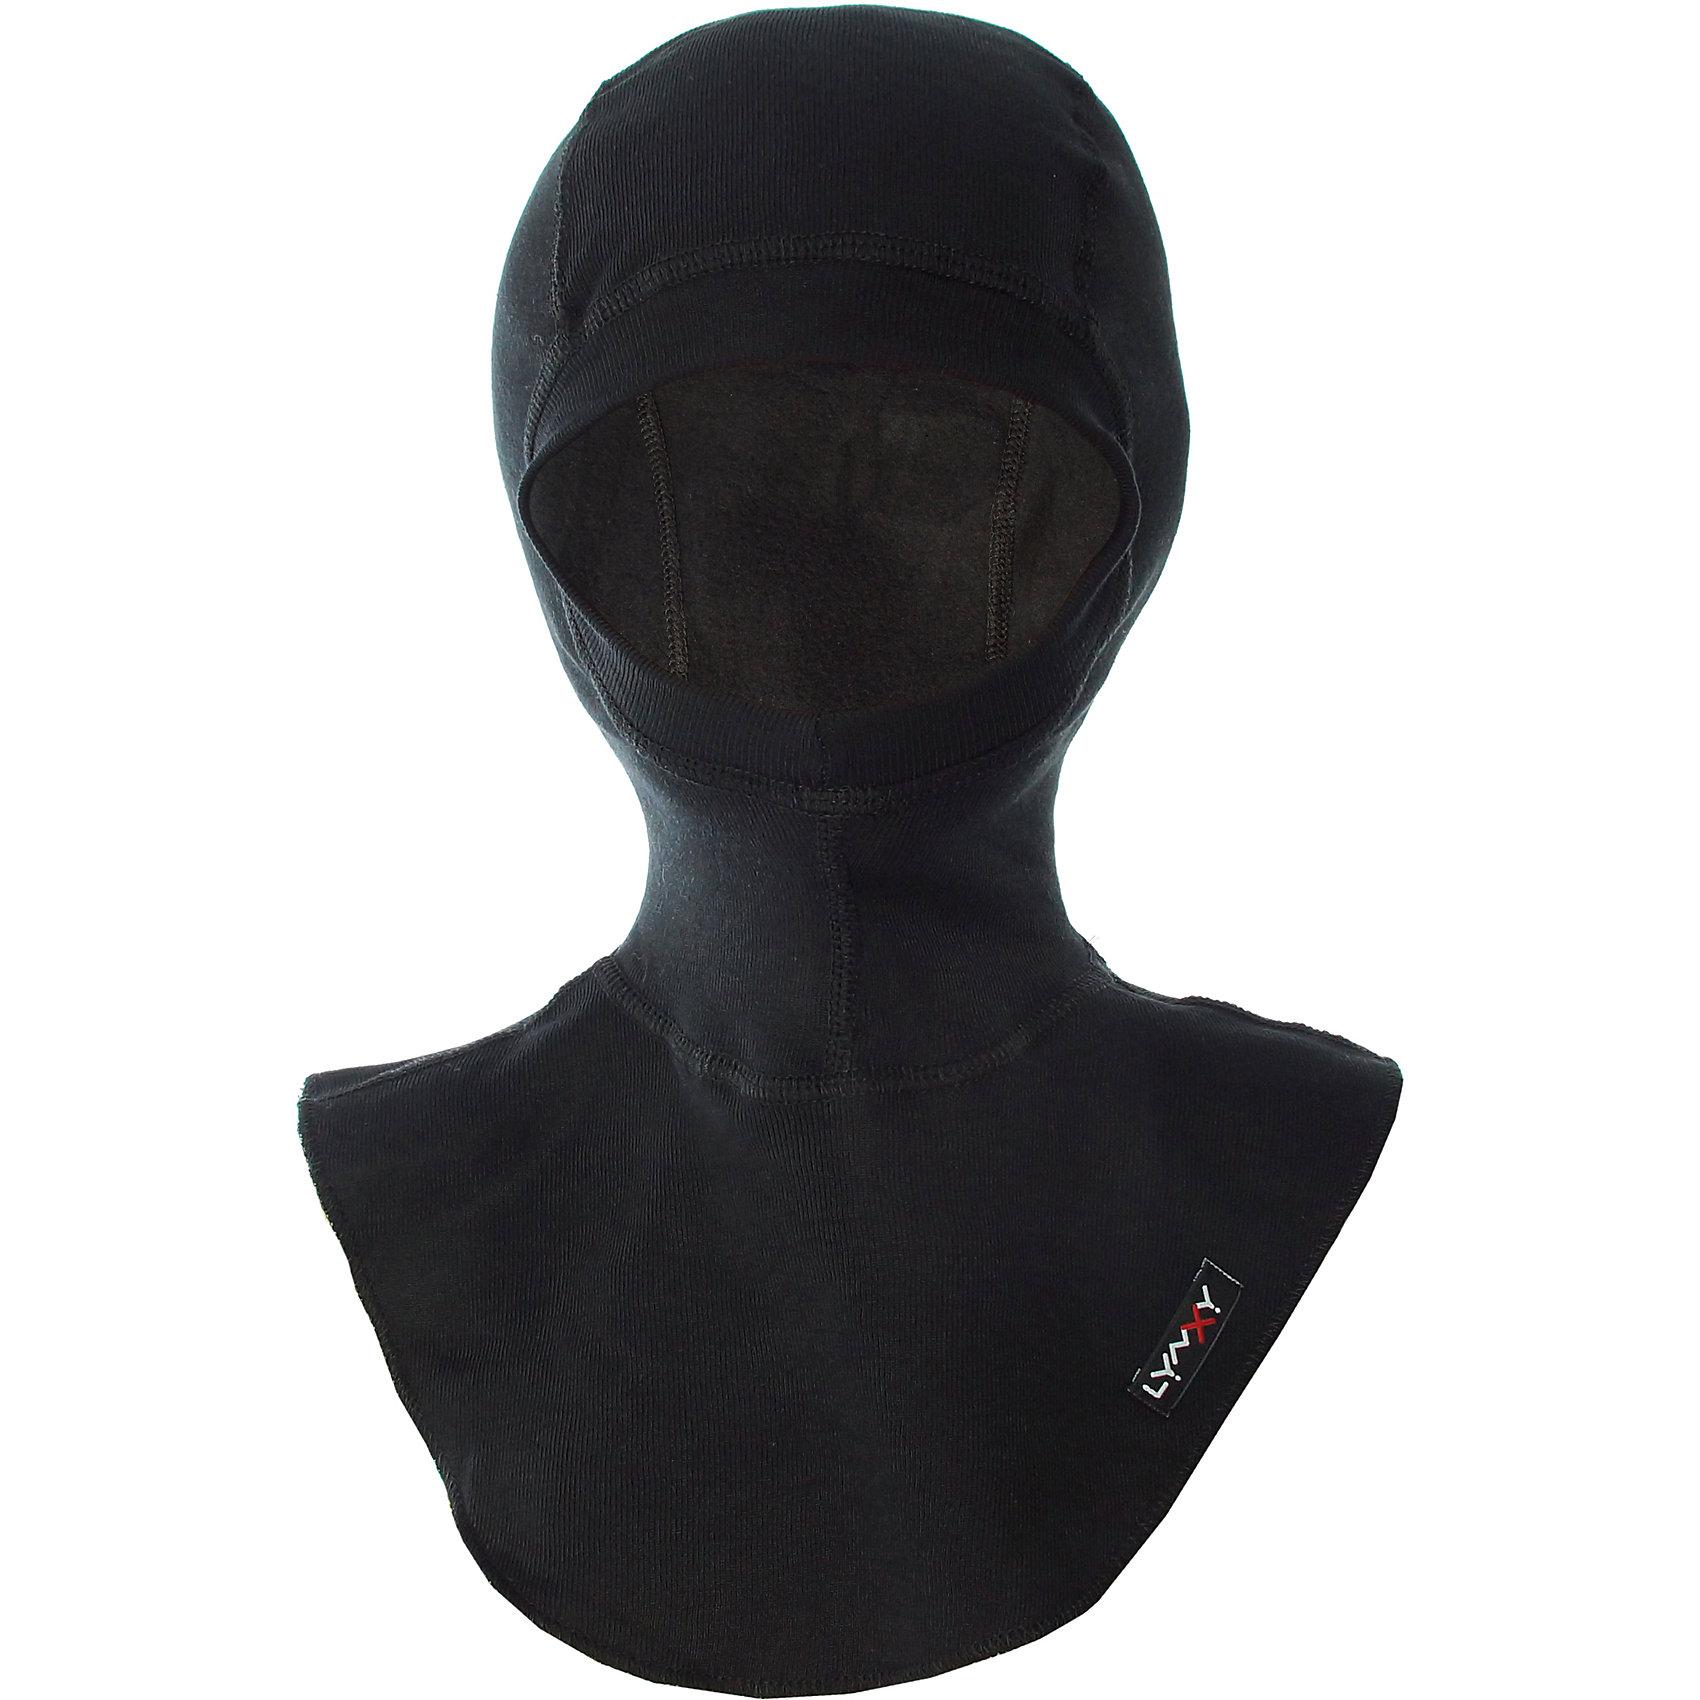 Шапка-шлем LynxyГоловные уборы<br>Шапка-шлем от известного бренда Lynxy.<br>Детский подшлемник выполнен из мягкого термополотна Trevira с микроначесом с изнаночной стороны. Благодаря эластичному и мягкому полотну приятно к телу, плоские швы и эргономические лекала обеспечивают комфортное прилегание изделия. Идеально сохраняет тепло и выводит влагу, позволяя коже оставаться сухой. Благодаря присутствию ионов серебра в структуре полотна, имеет противомикробные свойства. Идеально подходит для длительных прогулок и активных занятий спортом в холодное время года до - 30 градусов. Рекомендуется деликатная машинная стирка при температуре 30 градусов без предварительного замачивания.<br>Состав:<br>полиэстер 95% + вискоза 5%<br><br>Ширина мм: 89<br>Глубина мм: 117<br>Высота мм: 44<br>Вес г: 155<br>Цвет: черный<br>Возраст от месяцев: 60<br>Возраст до месяцев: 120<br>Пол: Унисекс<br>Возраст: Детский<br>Размер: 54<br>SKU: 5173108